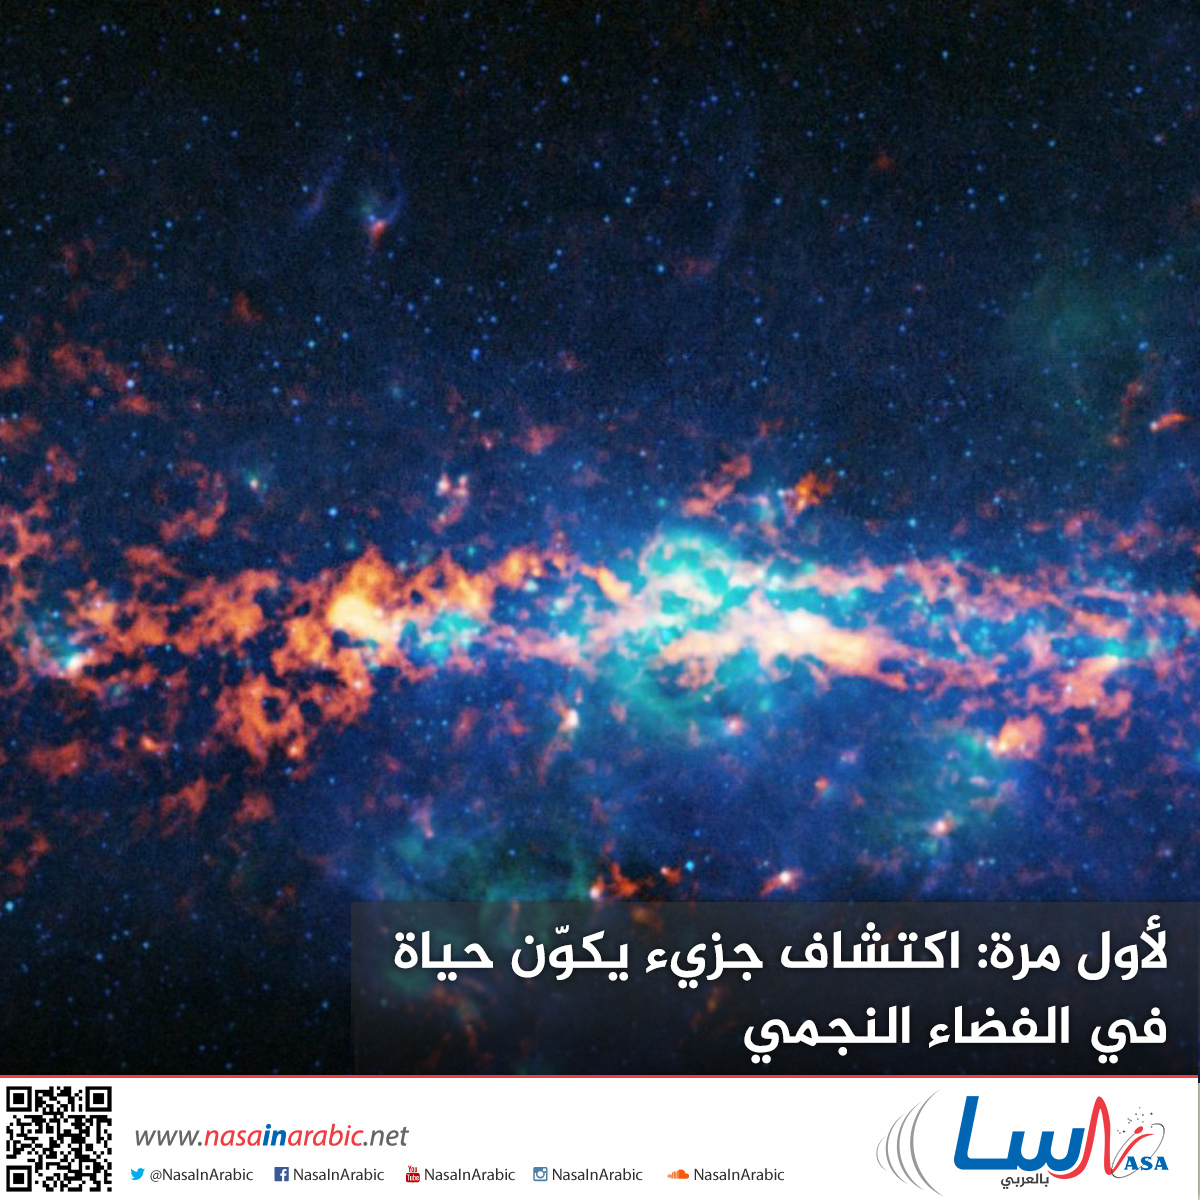 لأول مرة: اكتشاف جزيء يكوّن حياة في الفضاء النجمي